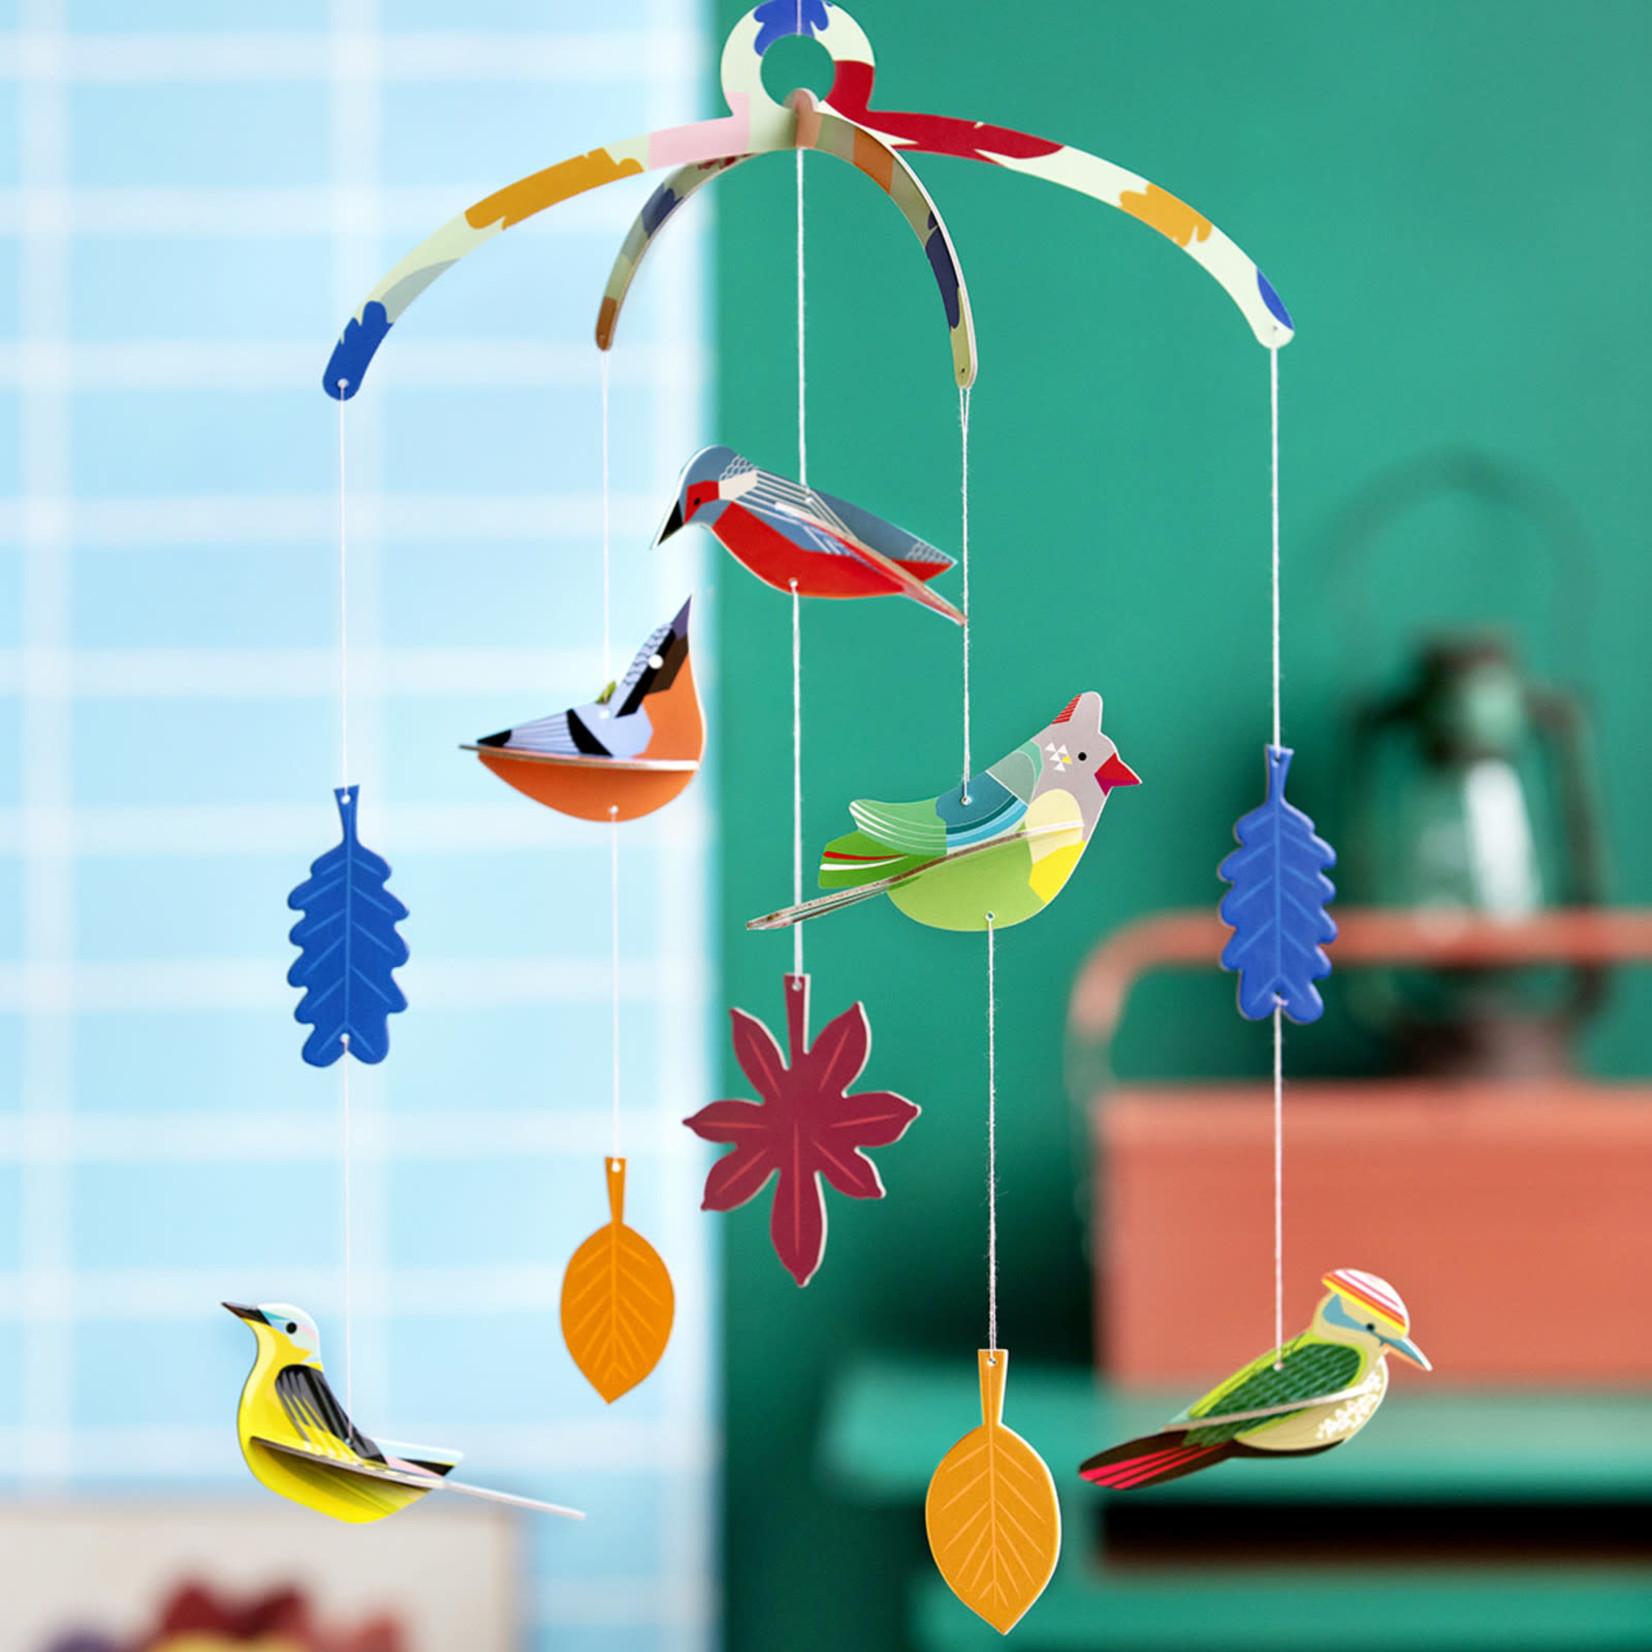 STUDIO ROOF STUDIO ROOF -wall decoration garden birds mobile